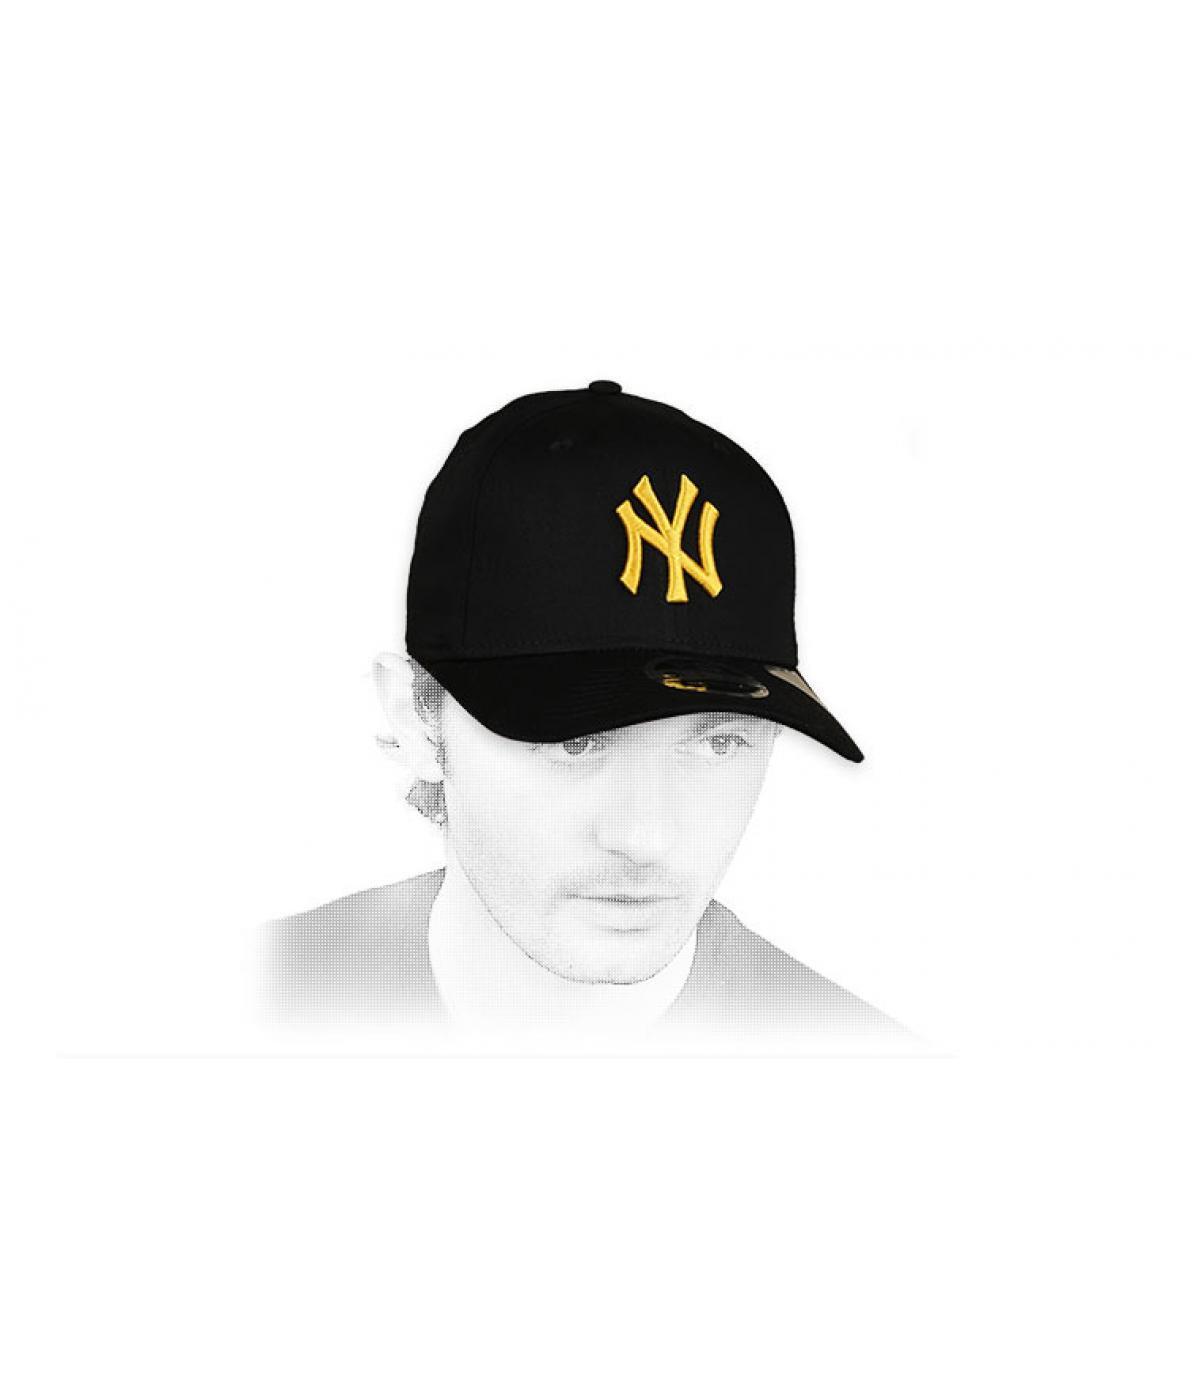 cap NY zwart geel